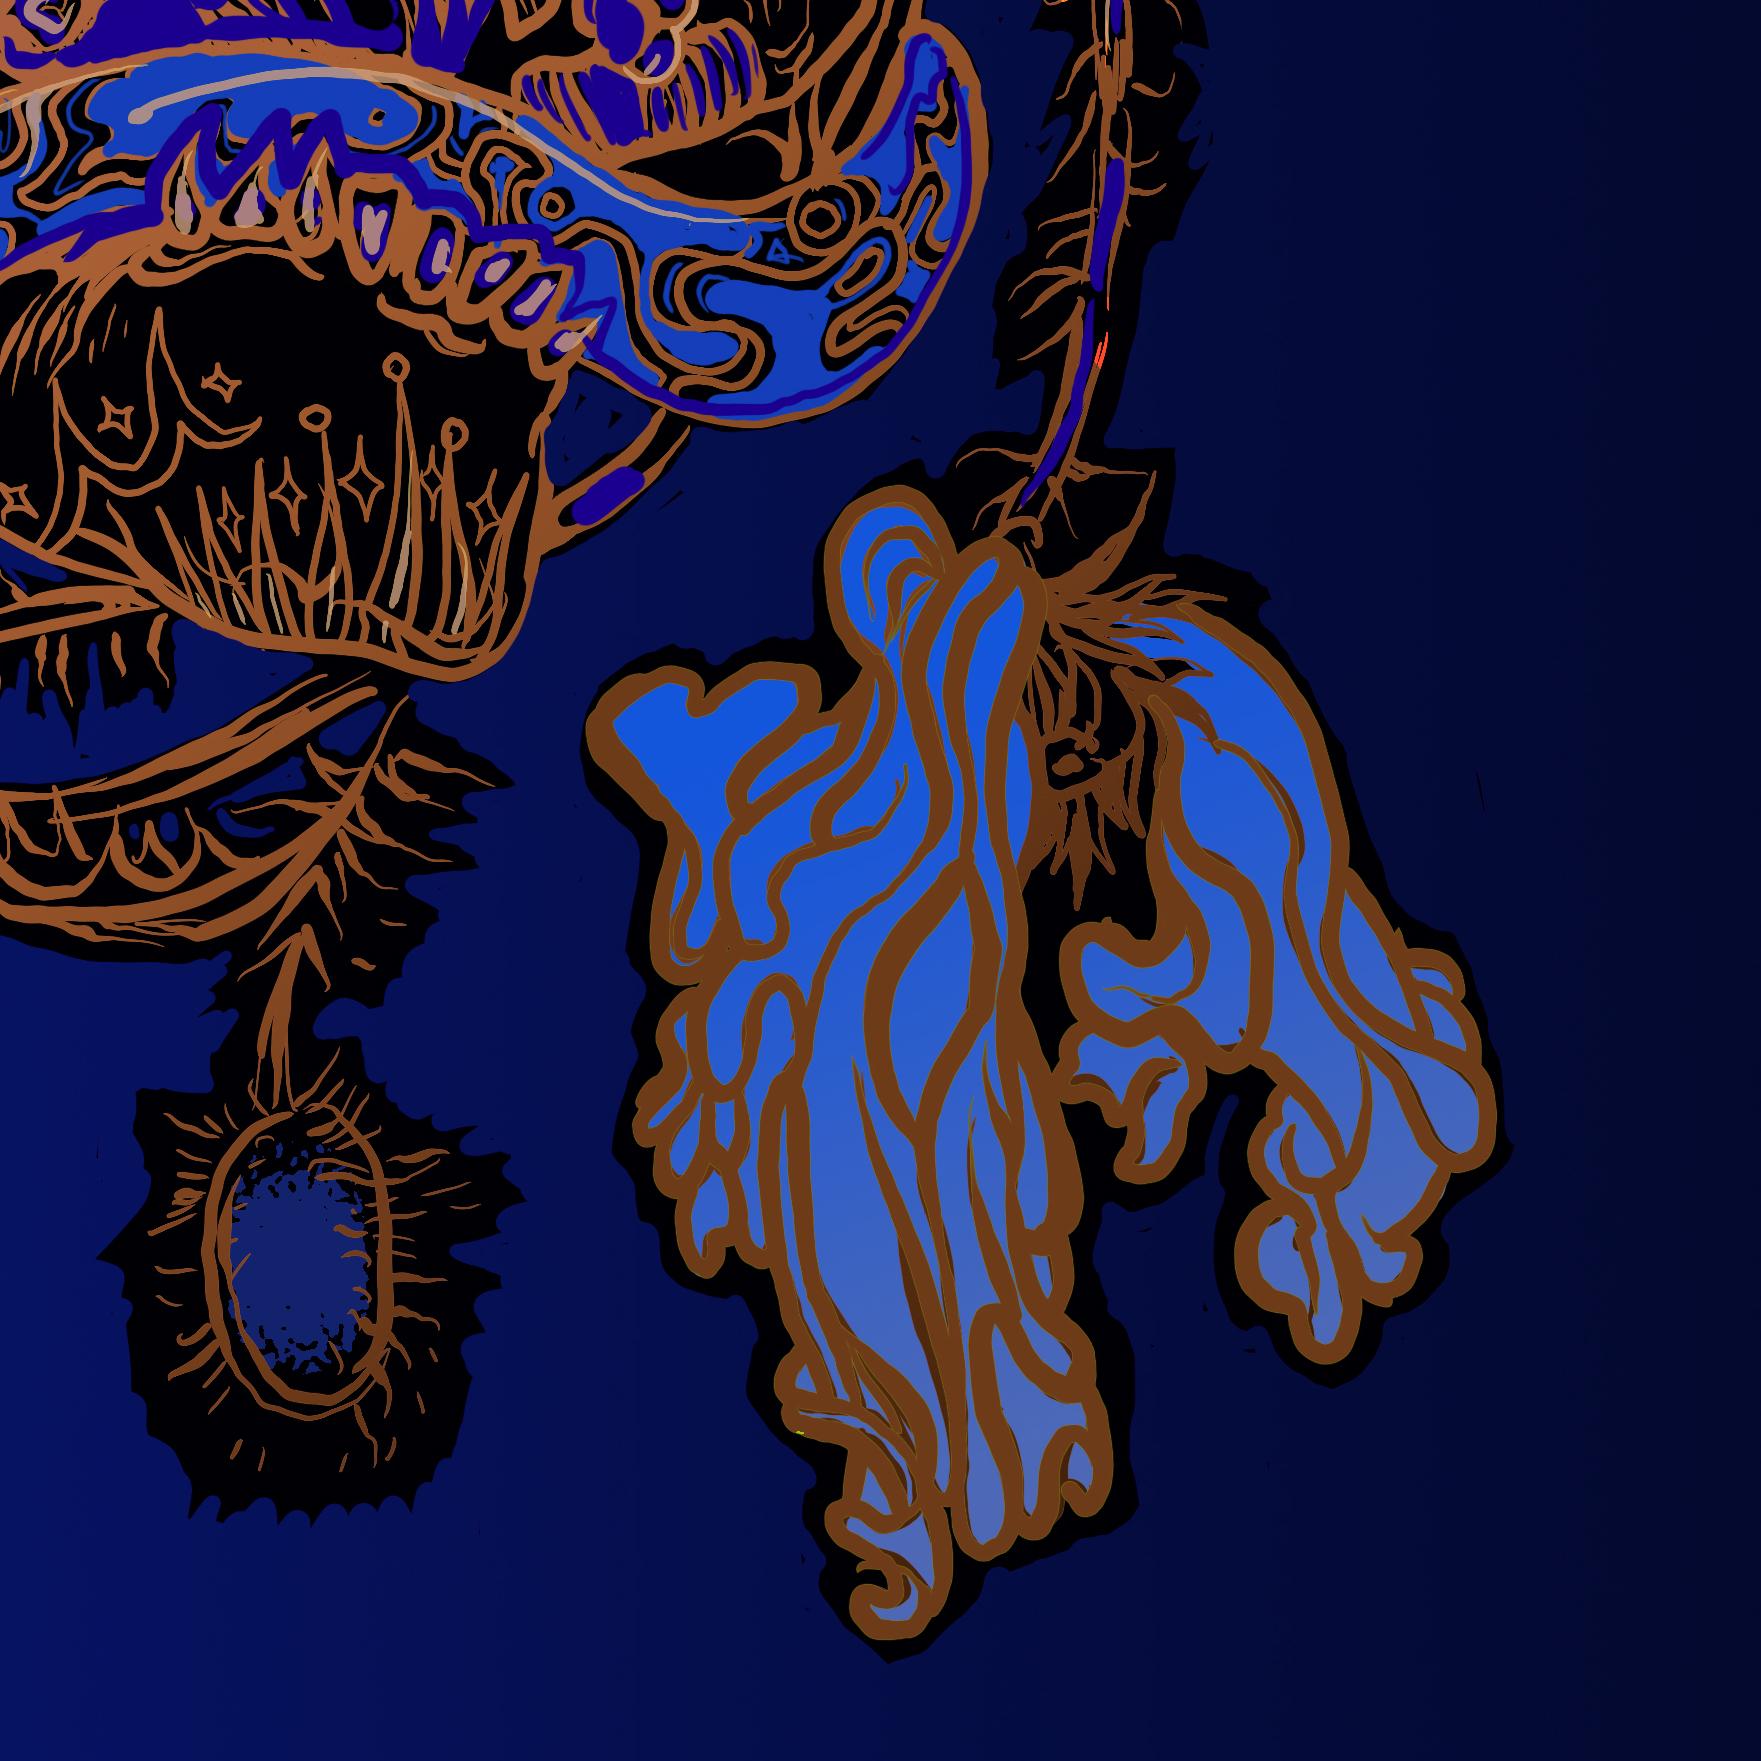 skull poppies viper-2.jpg